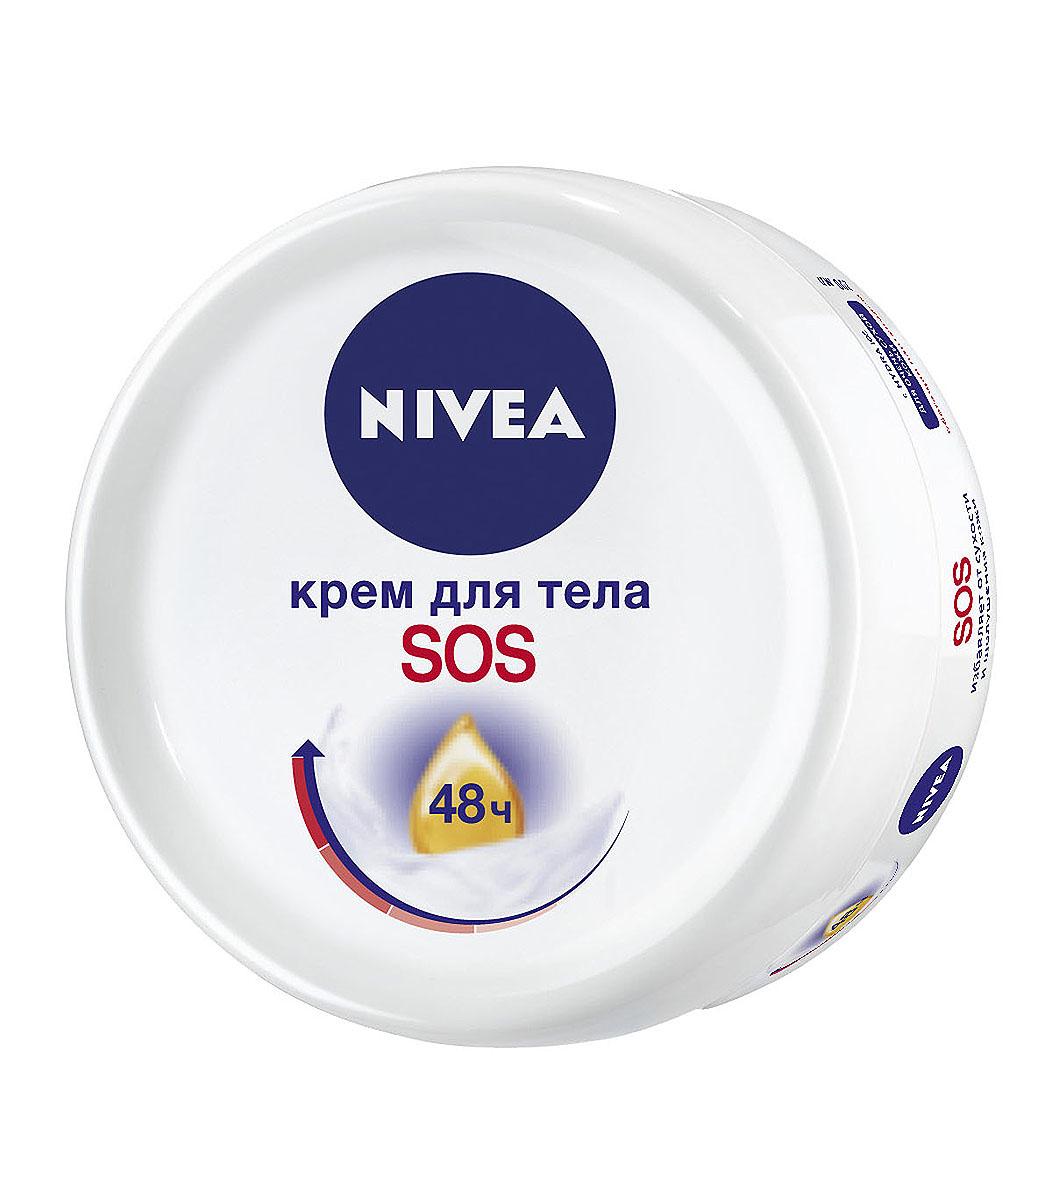 Крем для тела Nivea Sos, интенсивный, 200 мл